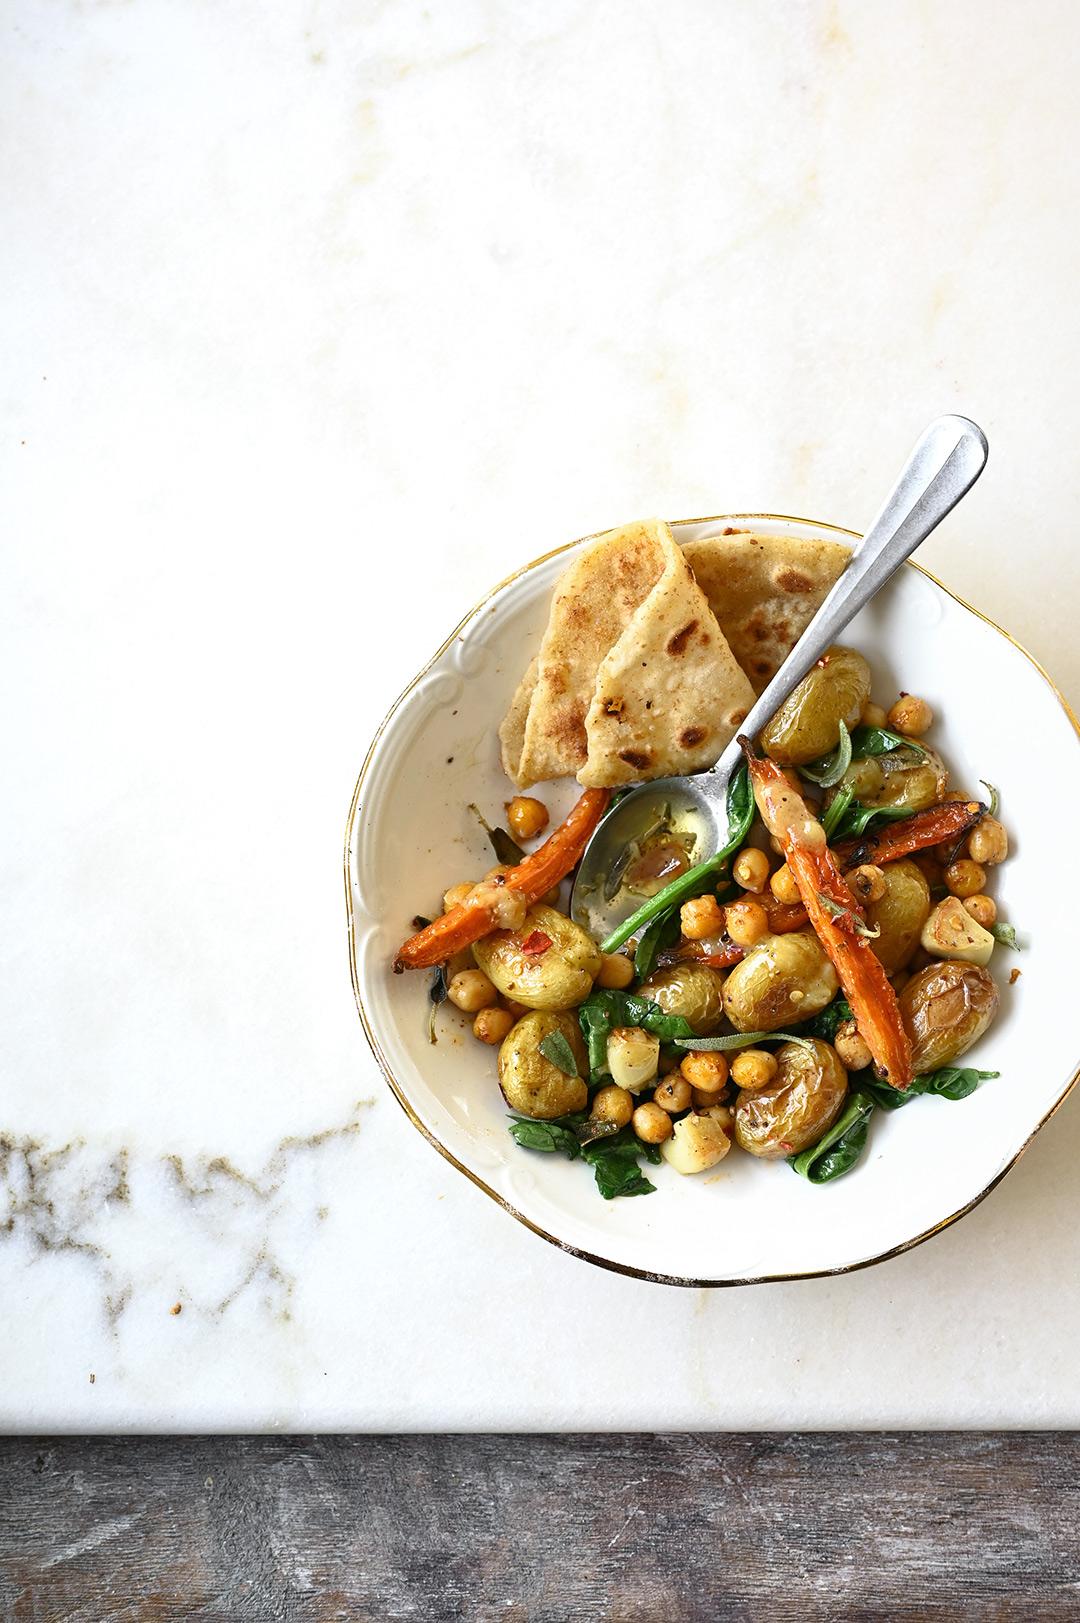 serving dumplings | Prosta sałatka z pieczonymi ziemniakami i ciecierzycą